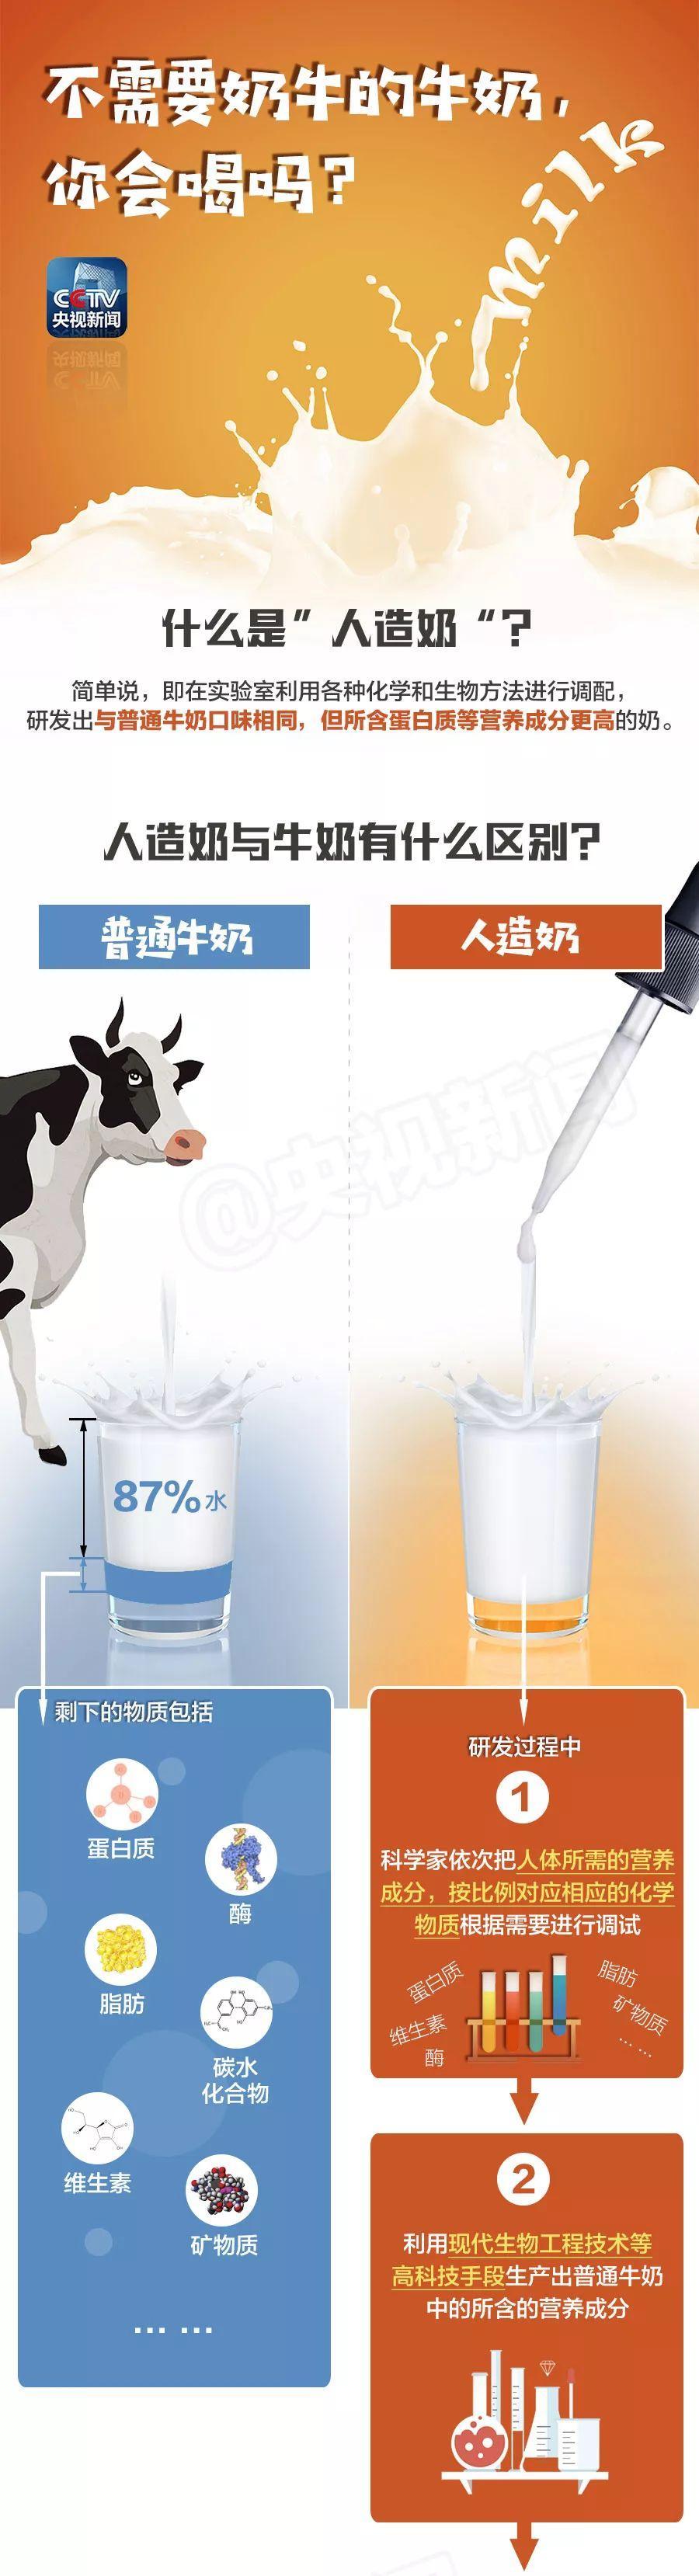 人造肉之后,人造奶也登场了!你接受吗?